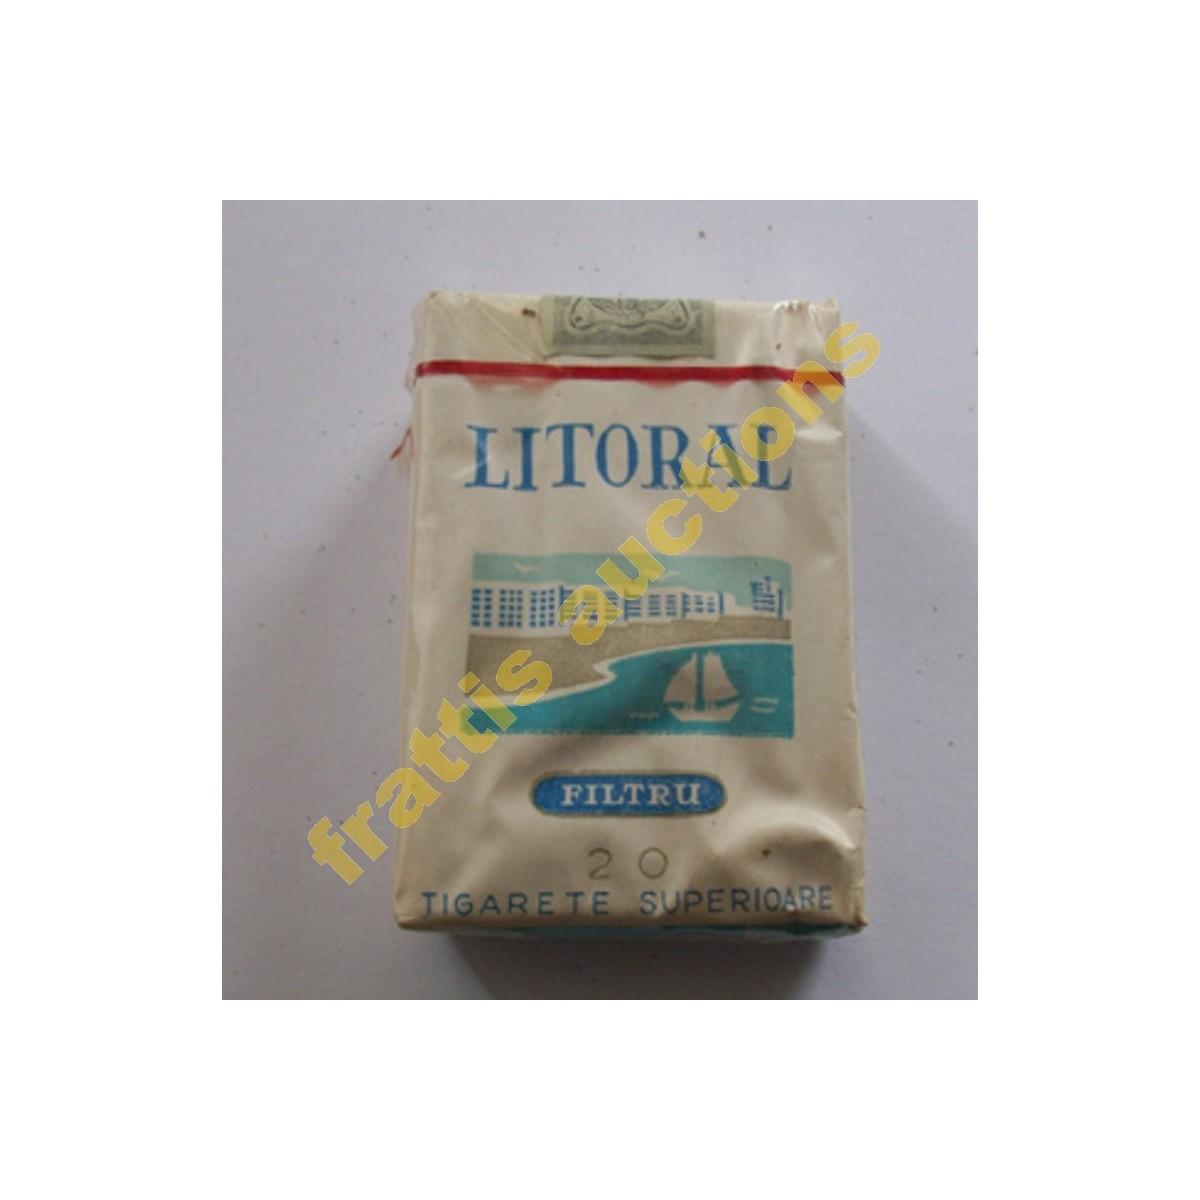 Χάρτινο πακέτο των 20 τσιγάρων LITTORAL, Βουκουρέστι.